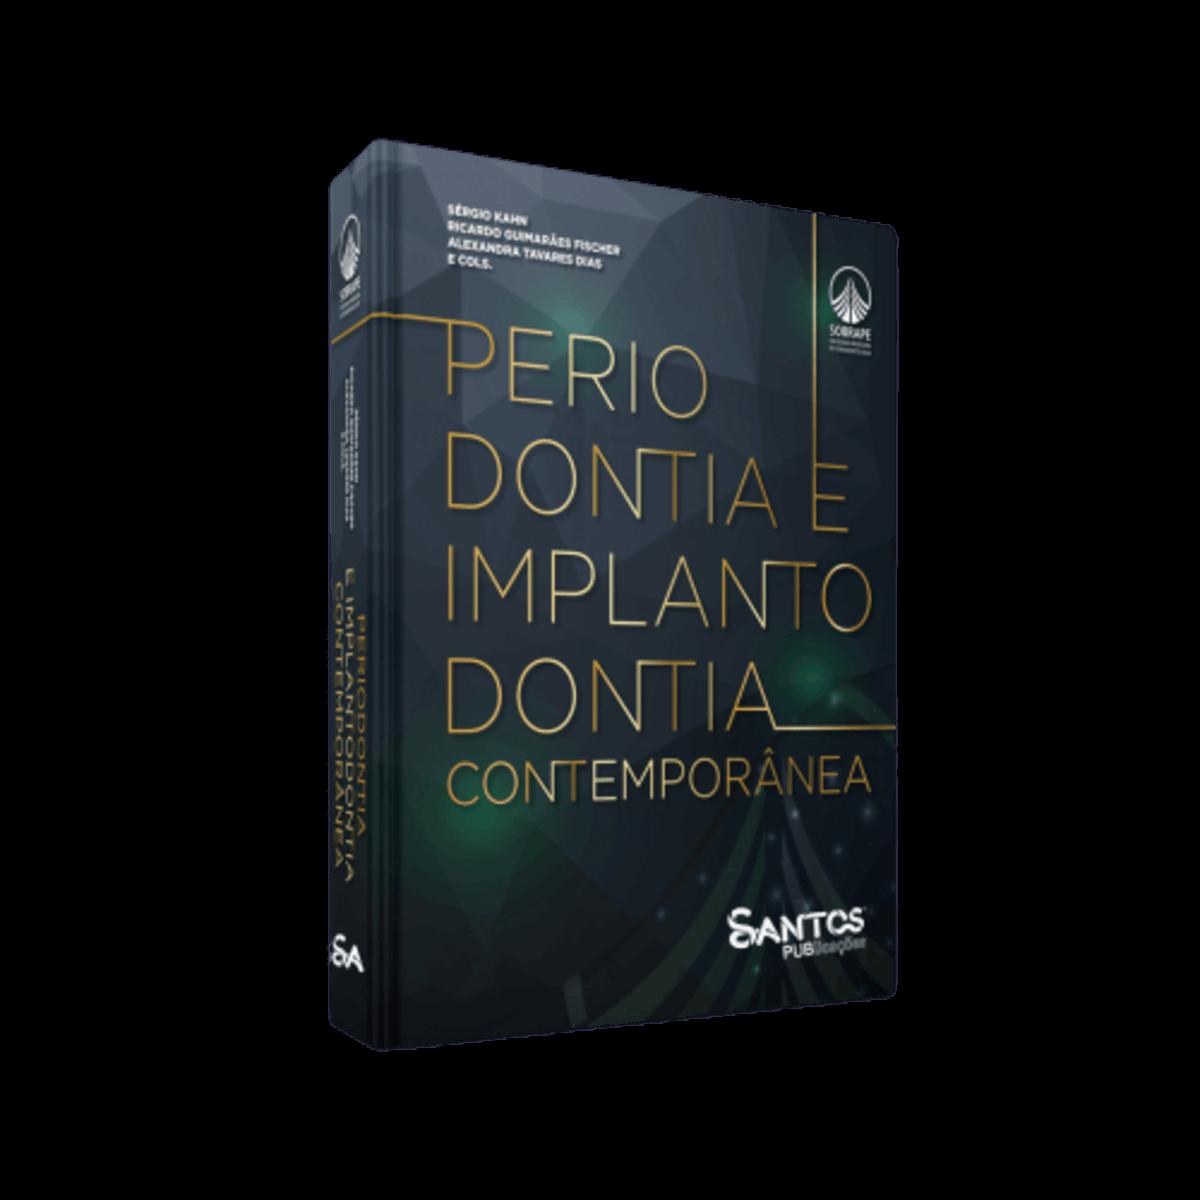 Sobrape Periodontia E Implantodontia Contemporânea